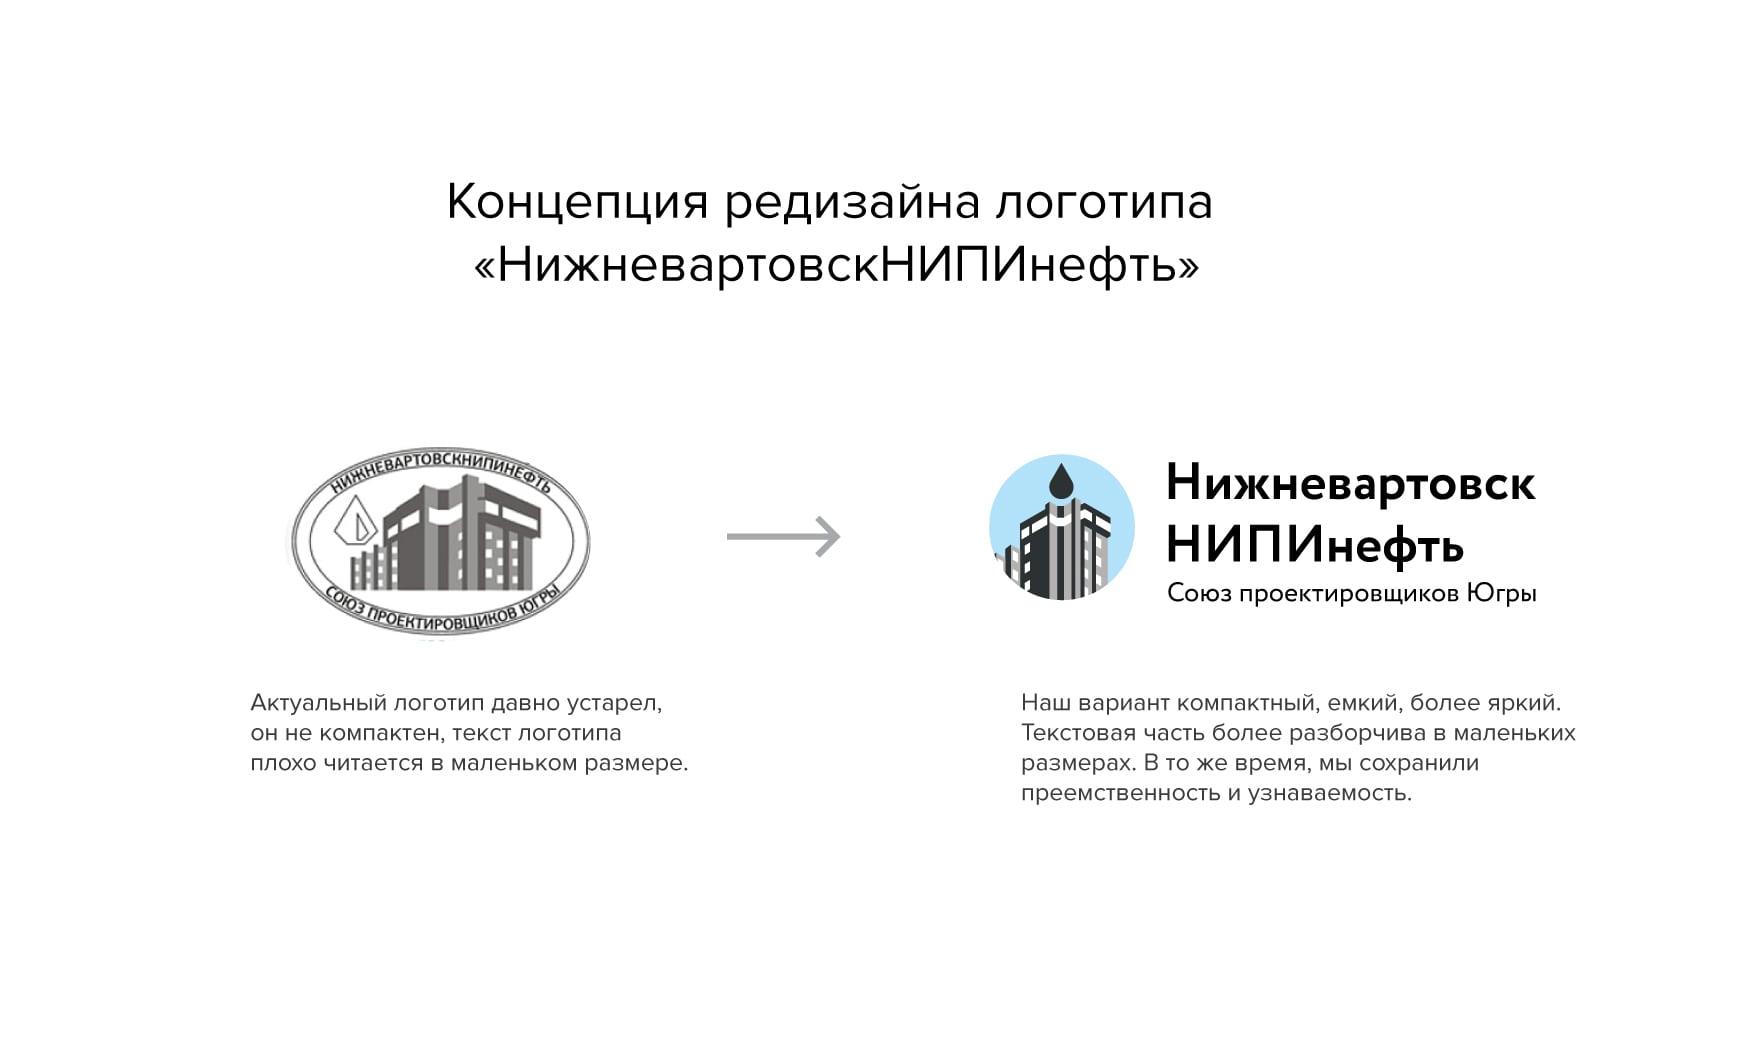 Не приняты редизайн логотипа НижневартовскНИПИнефть